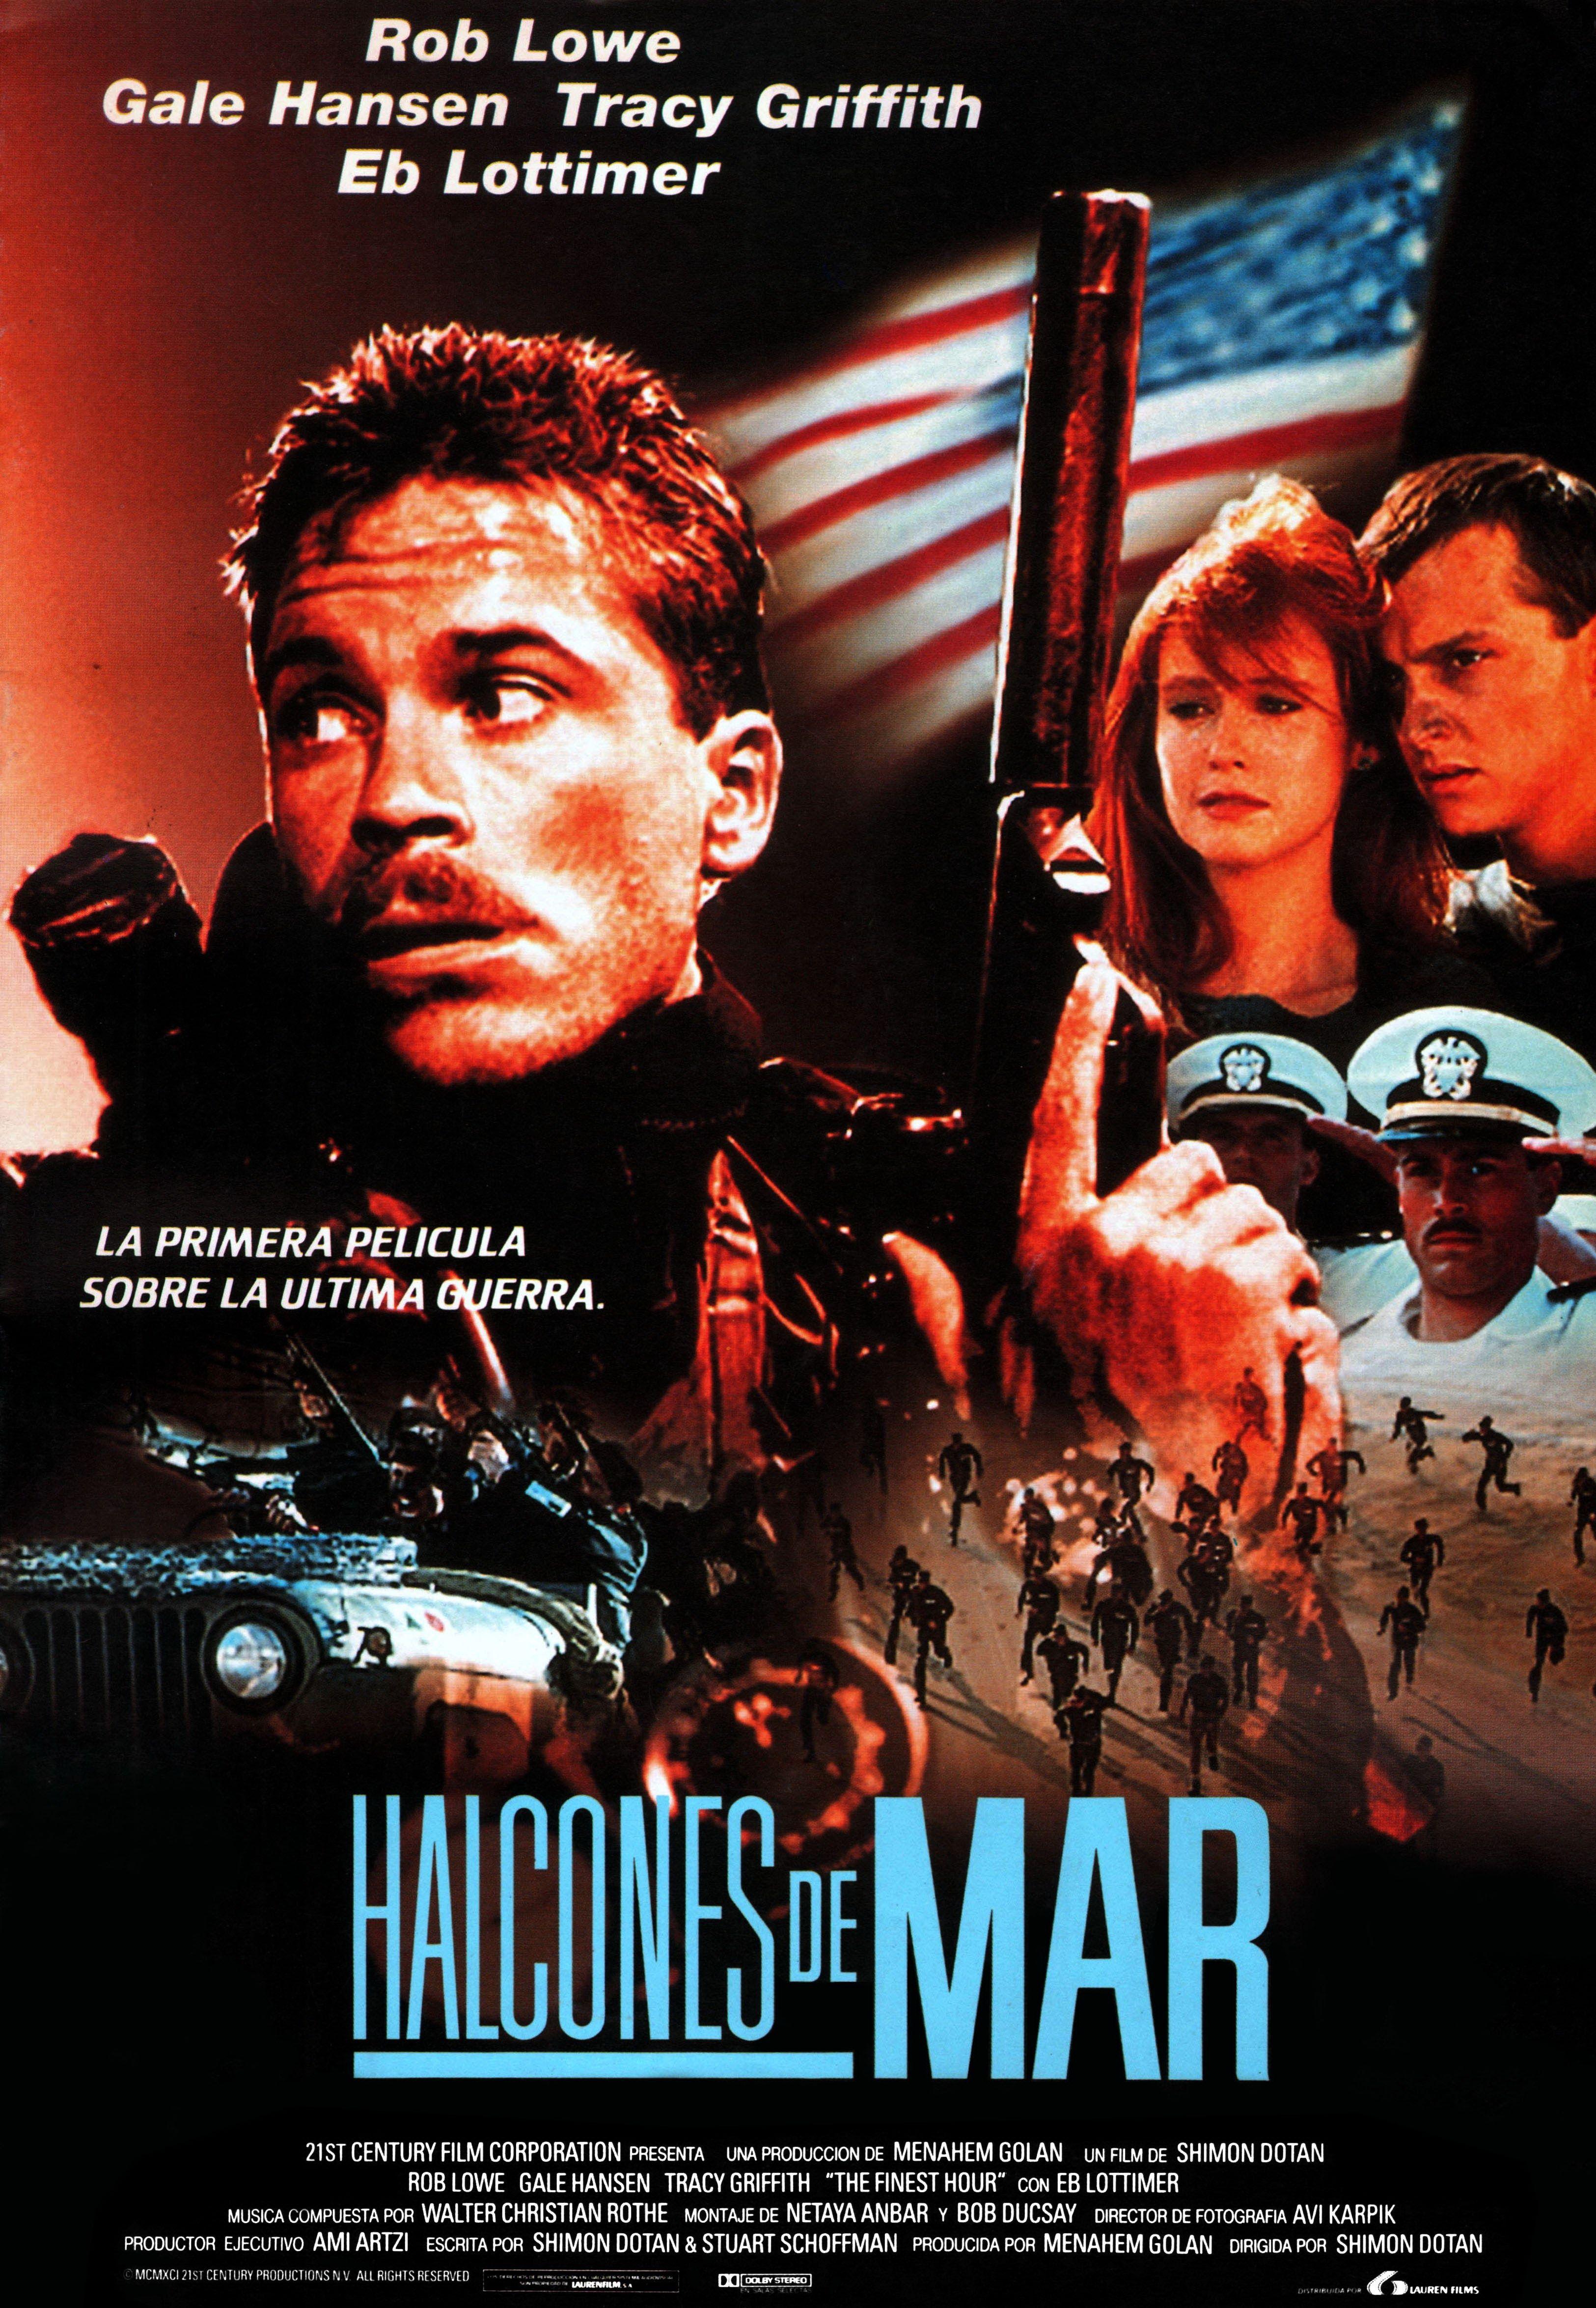 Halcones de Mar - The finest hour